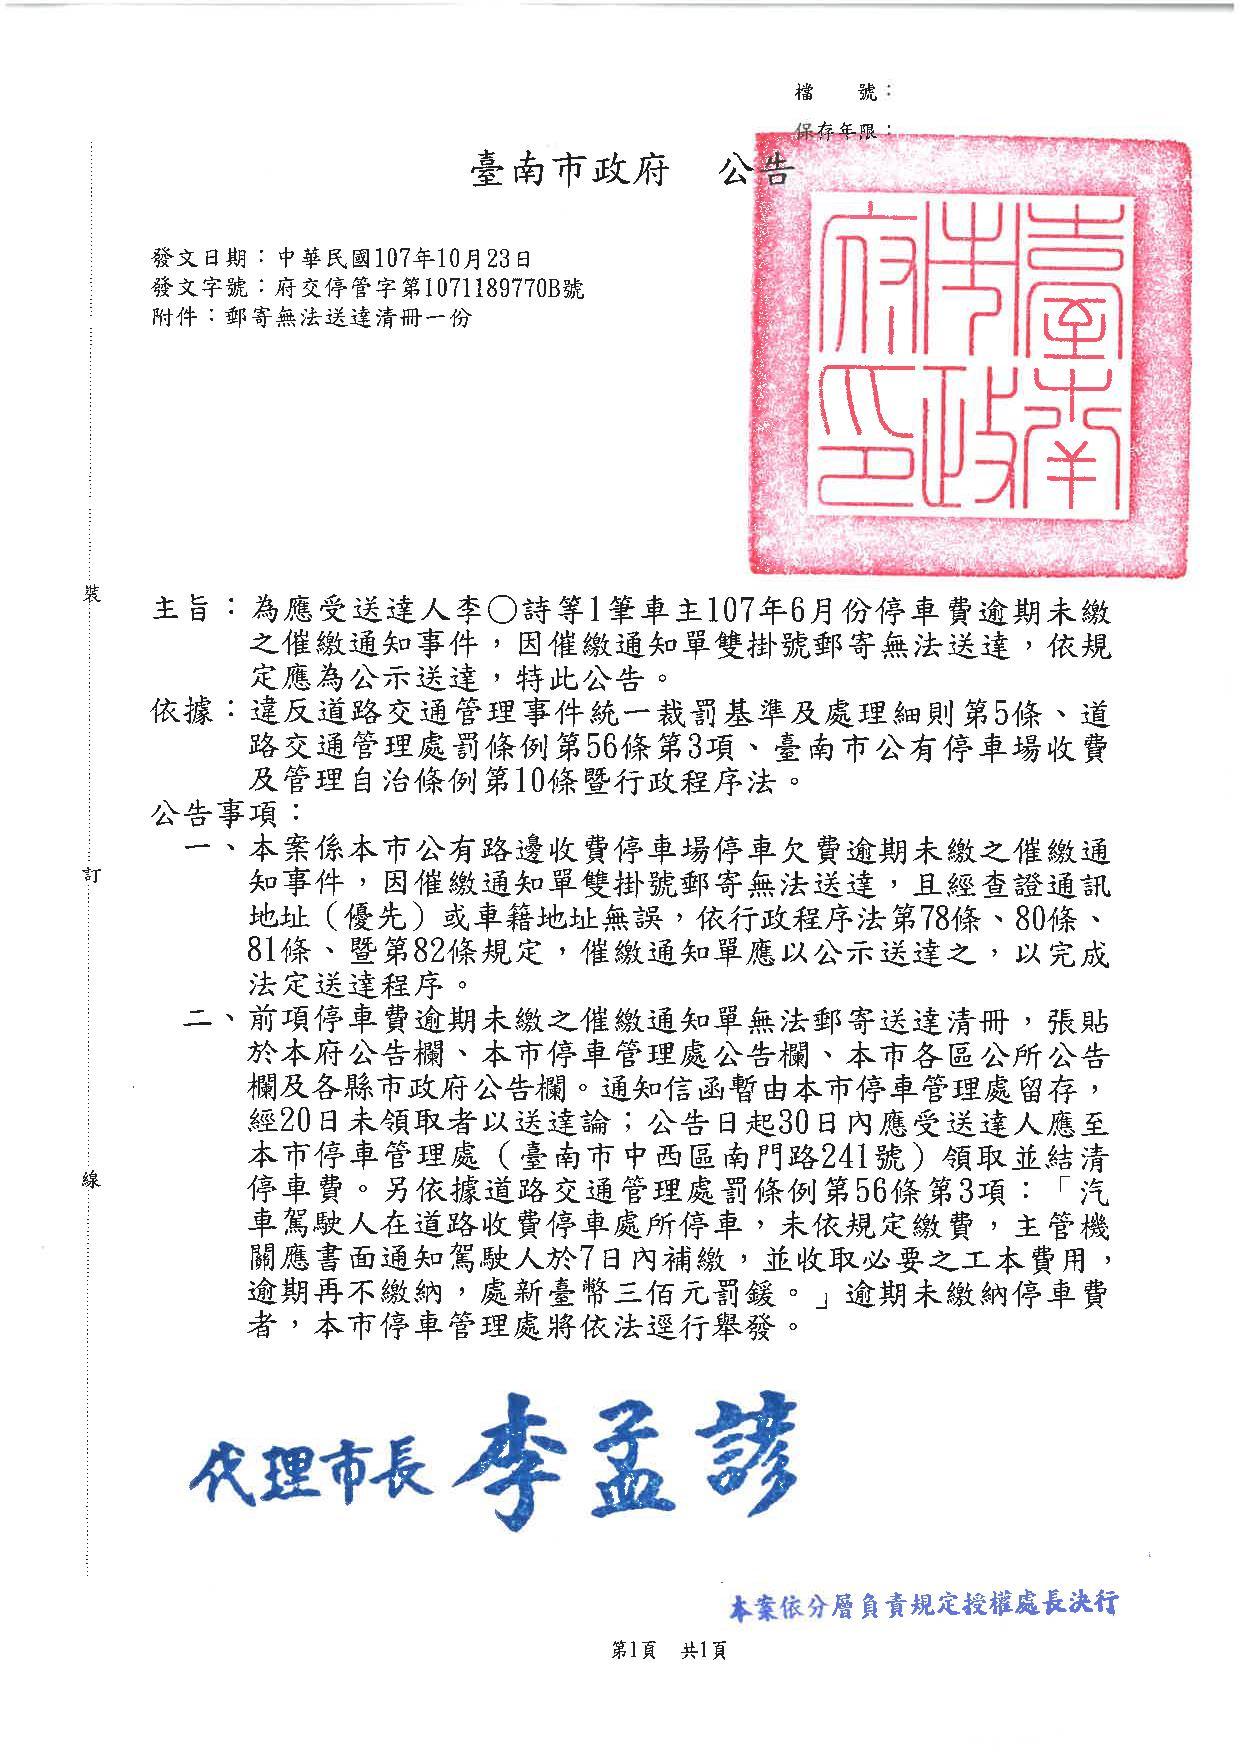 臺南市政府停車費補繳公告 (2)